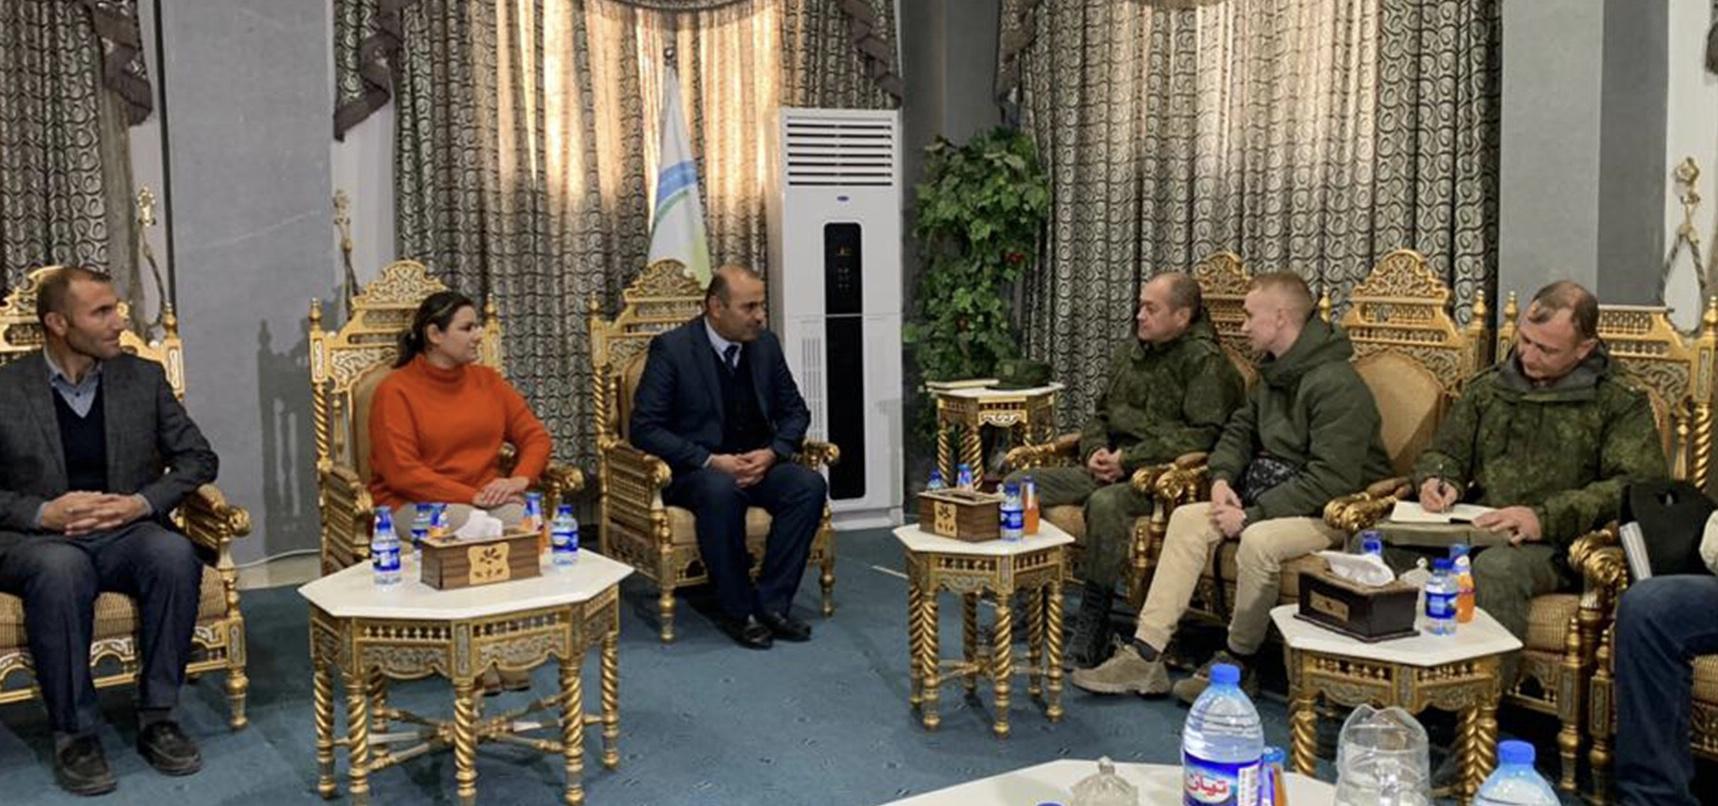 Rus kanadından Kobane'ye ilk resmi ziyaret